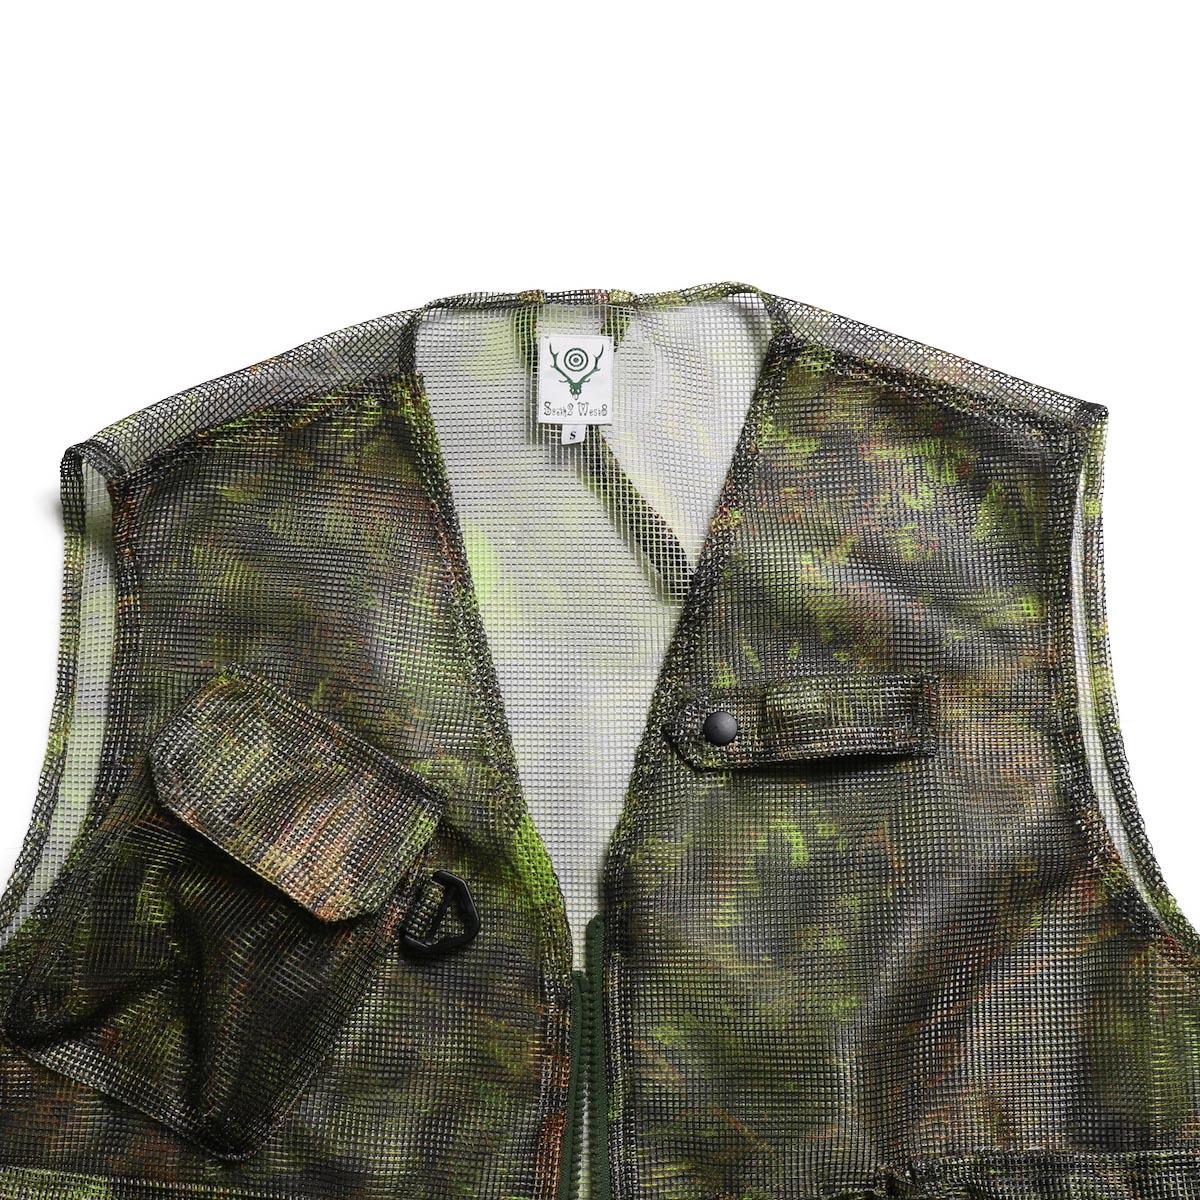 SOUTH2 WEST8 / Mesh Bush Vest -Poly Mesh (S2W8 Camo) 首元